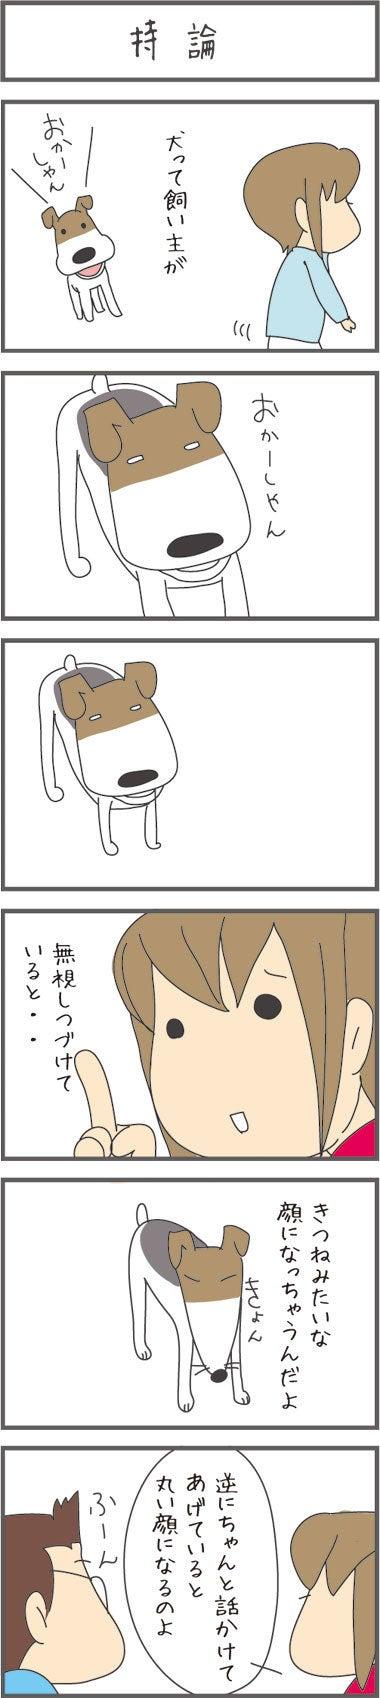 4コマ漫画~独断と偏見の旦那と犬の愛し方-illust2000